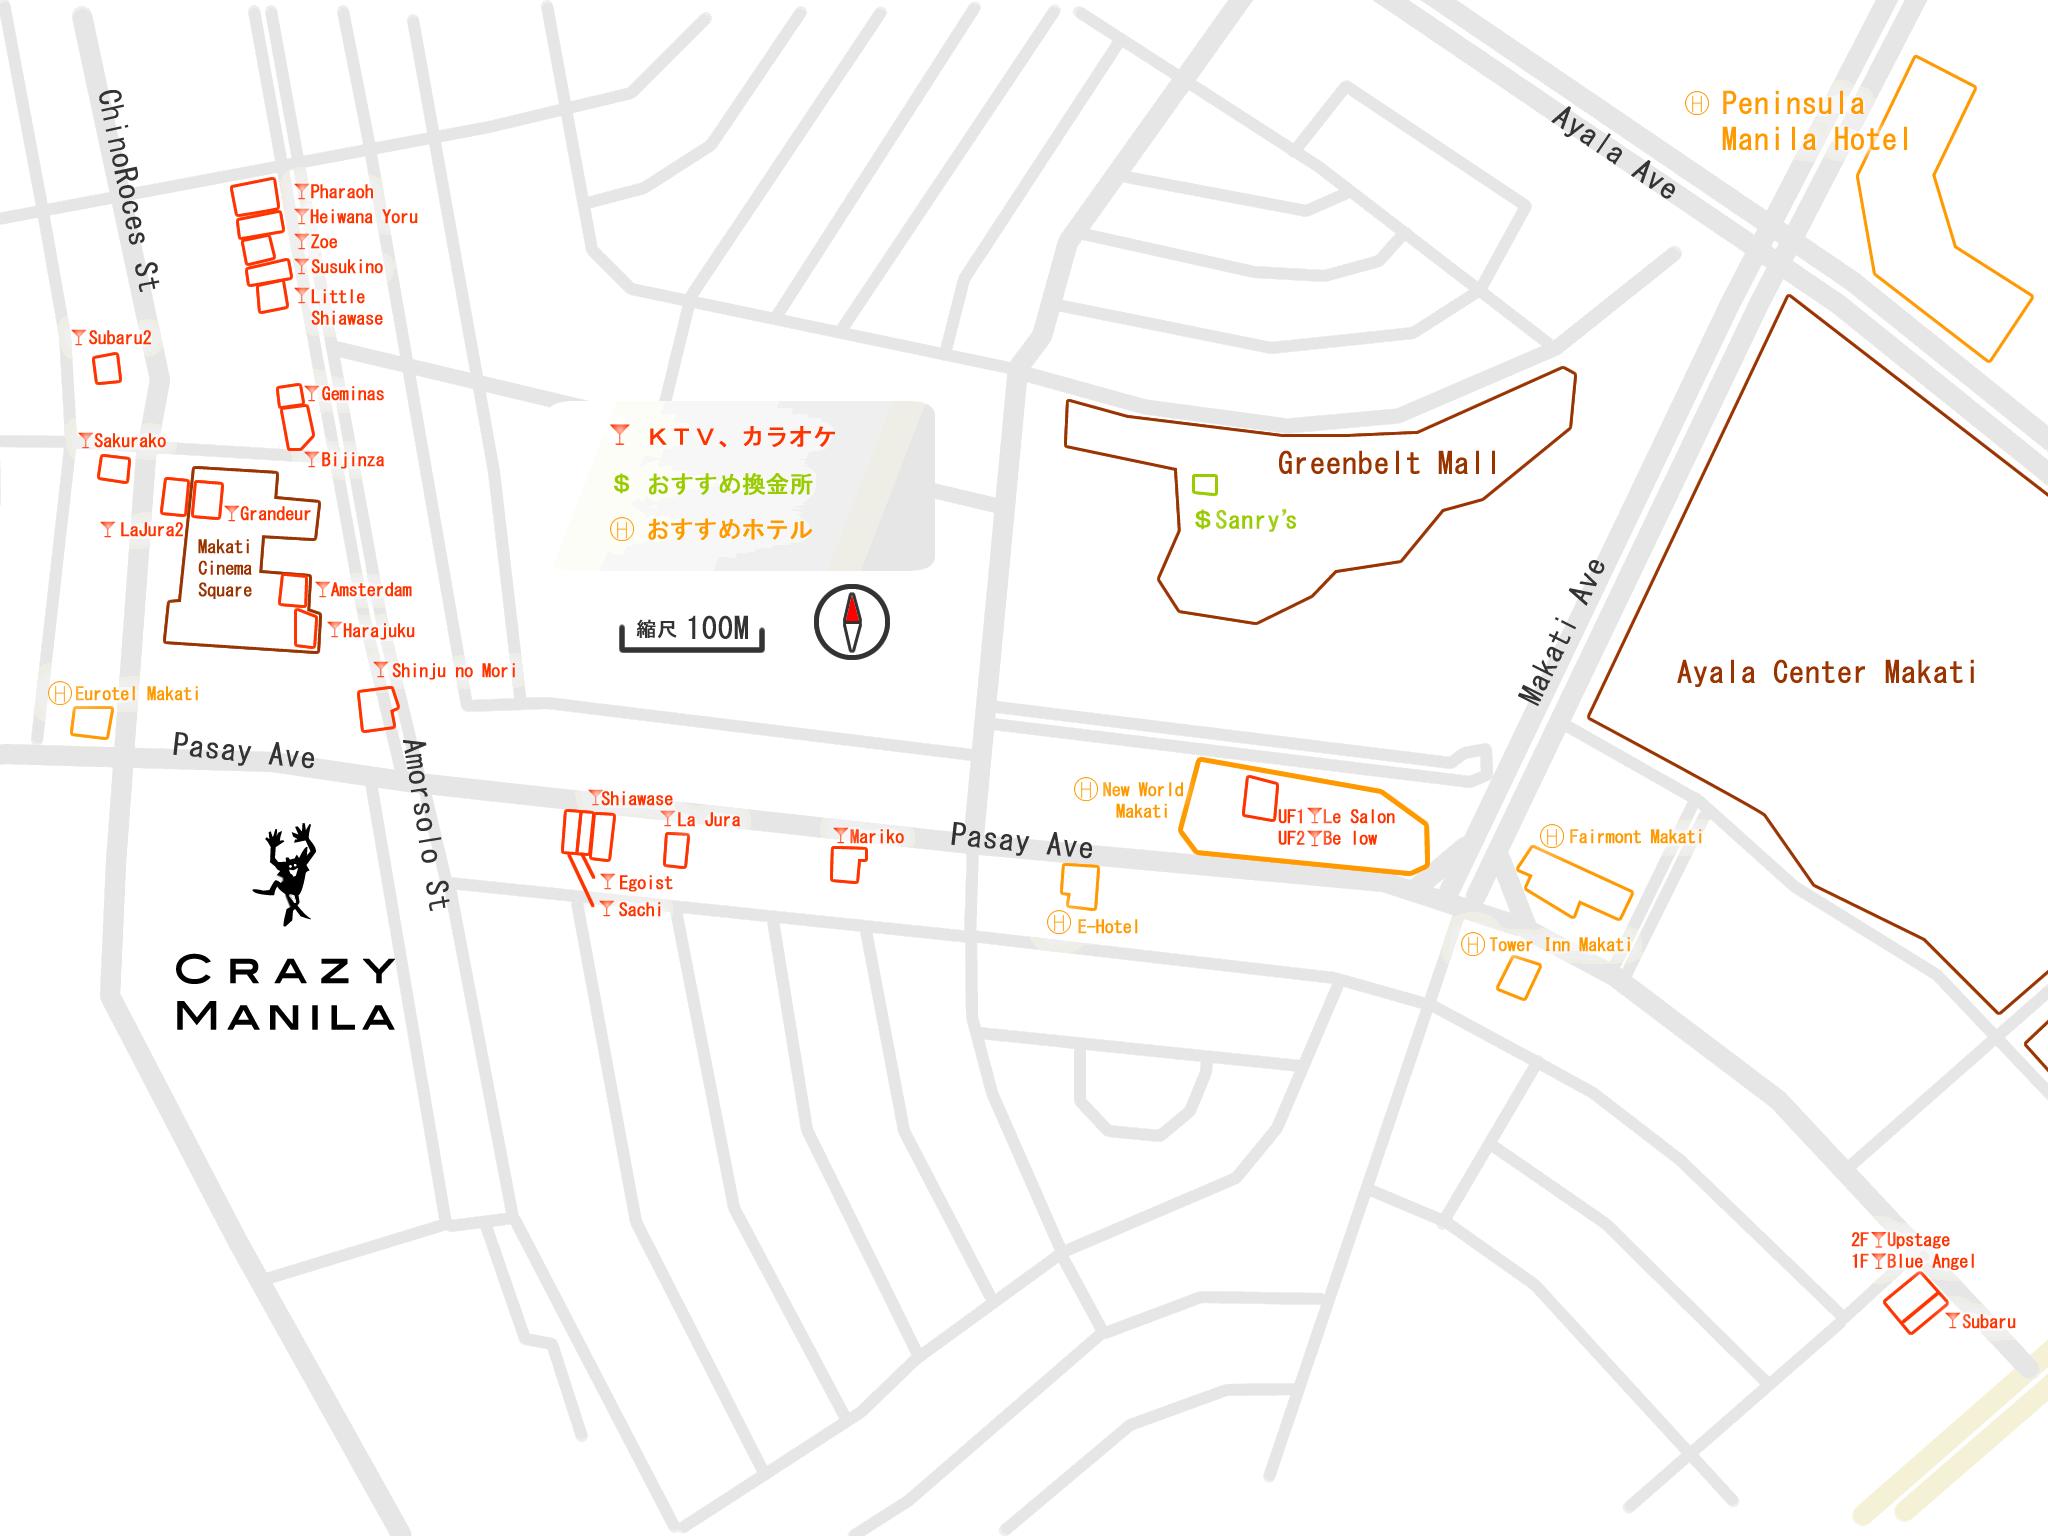 マニラ夜遊びマップ KTV Map